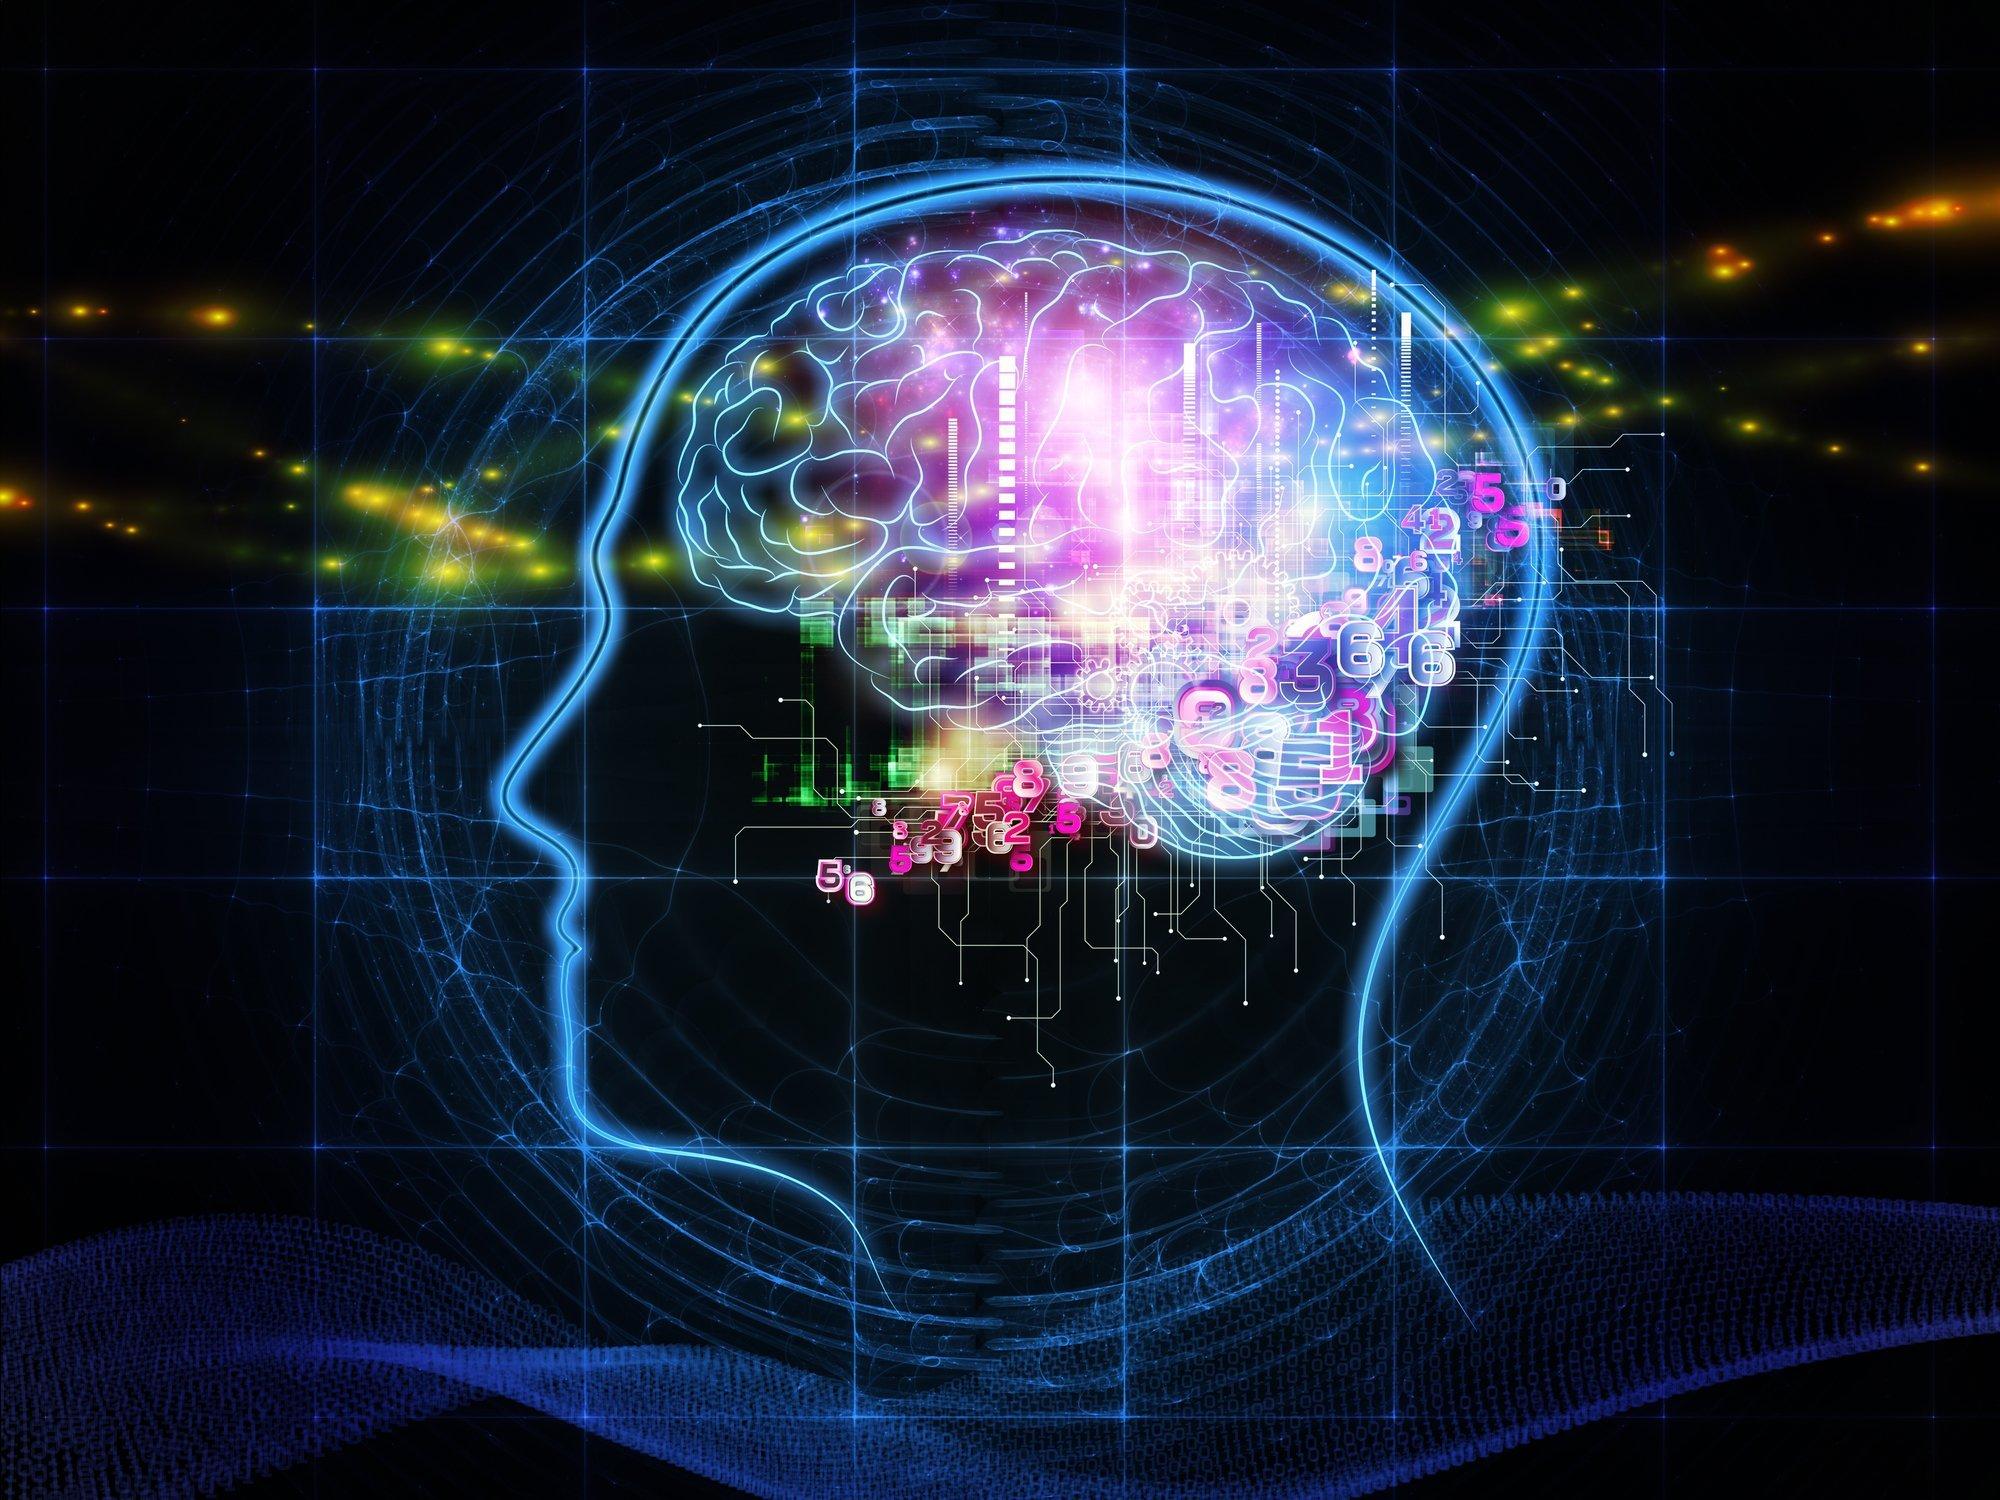 Чем выше IQ, тем лучше физическая форма в зрелом возрасте